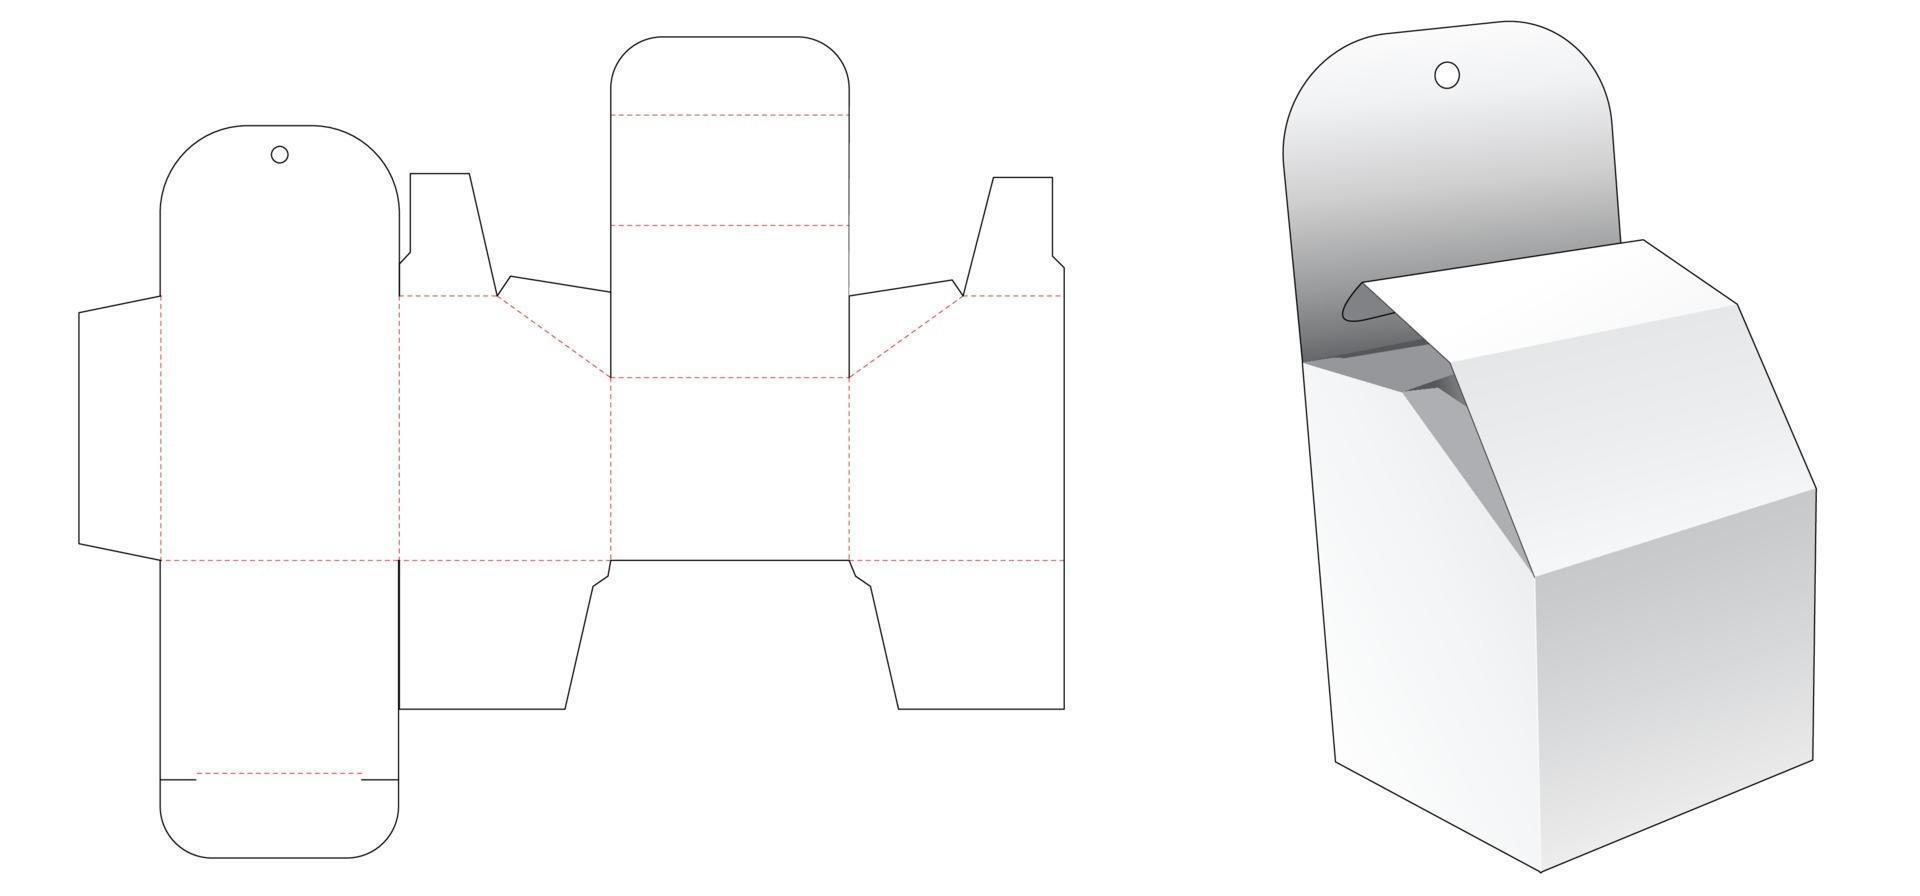 molde para caixa de embalagem chanfrada furo pendurado vetor